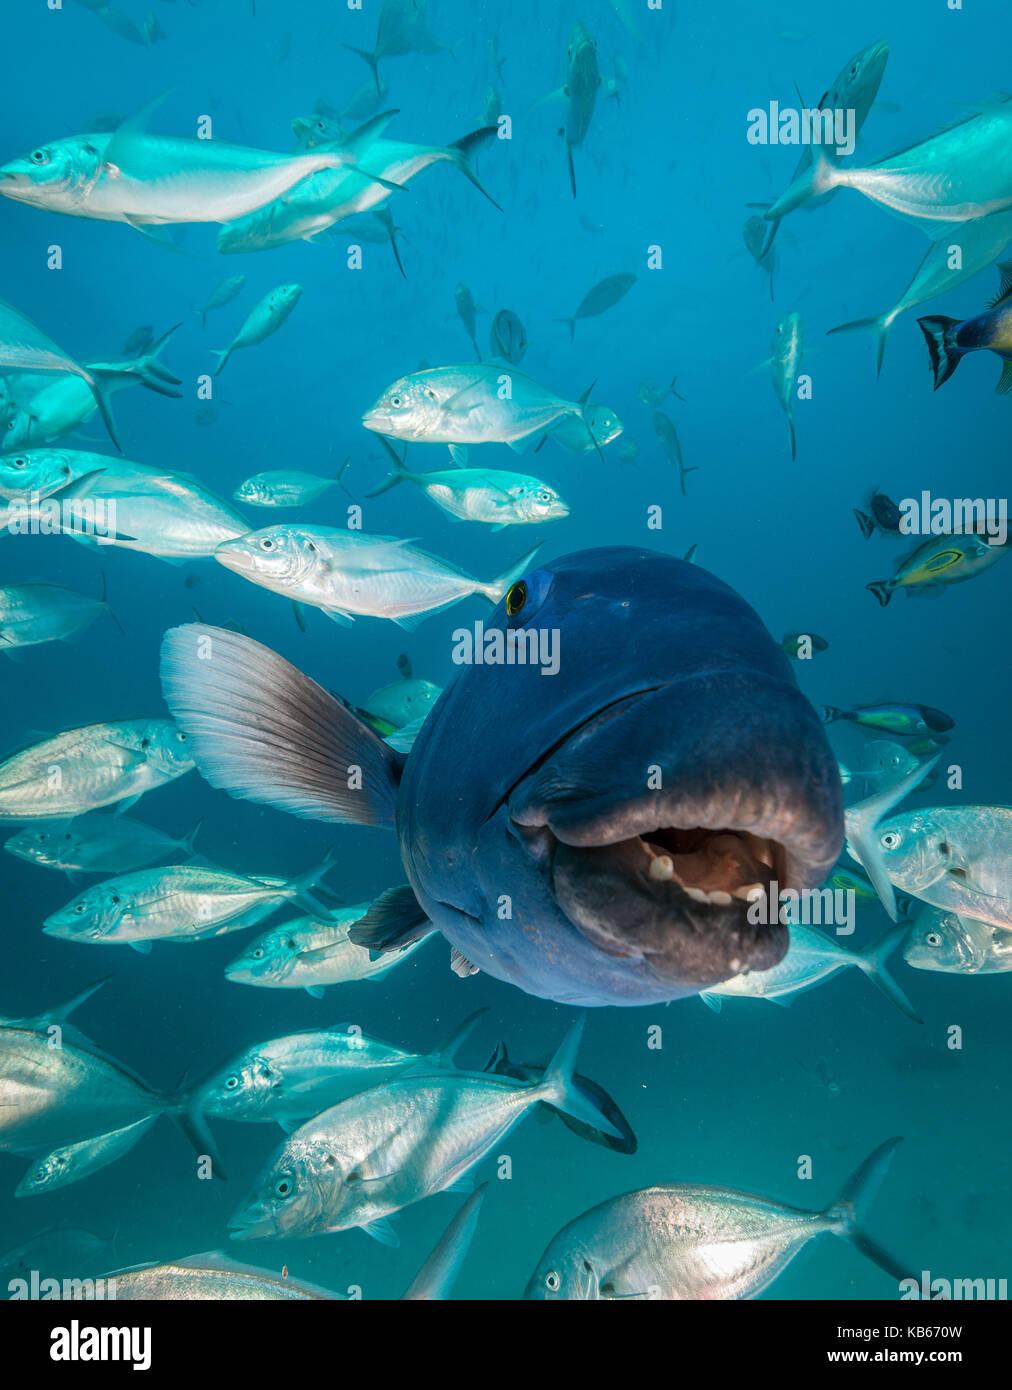 Nahaufnahme des Gesichts eines blauen groper unter einer Schule der Buchsen, Neptun Inseln, Süd Australien. Stockbild